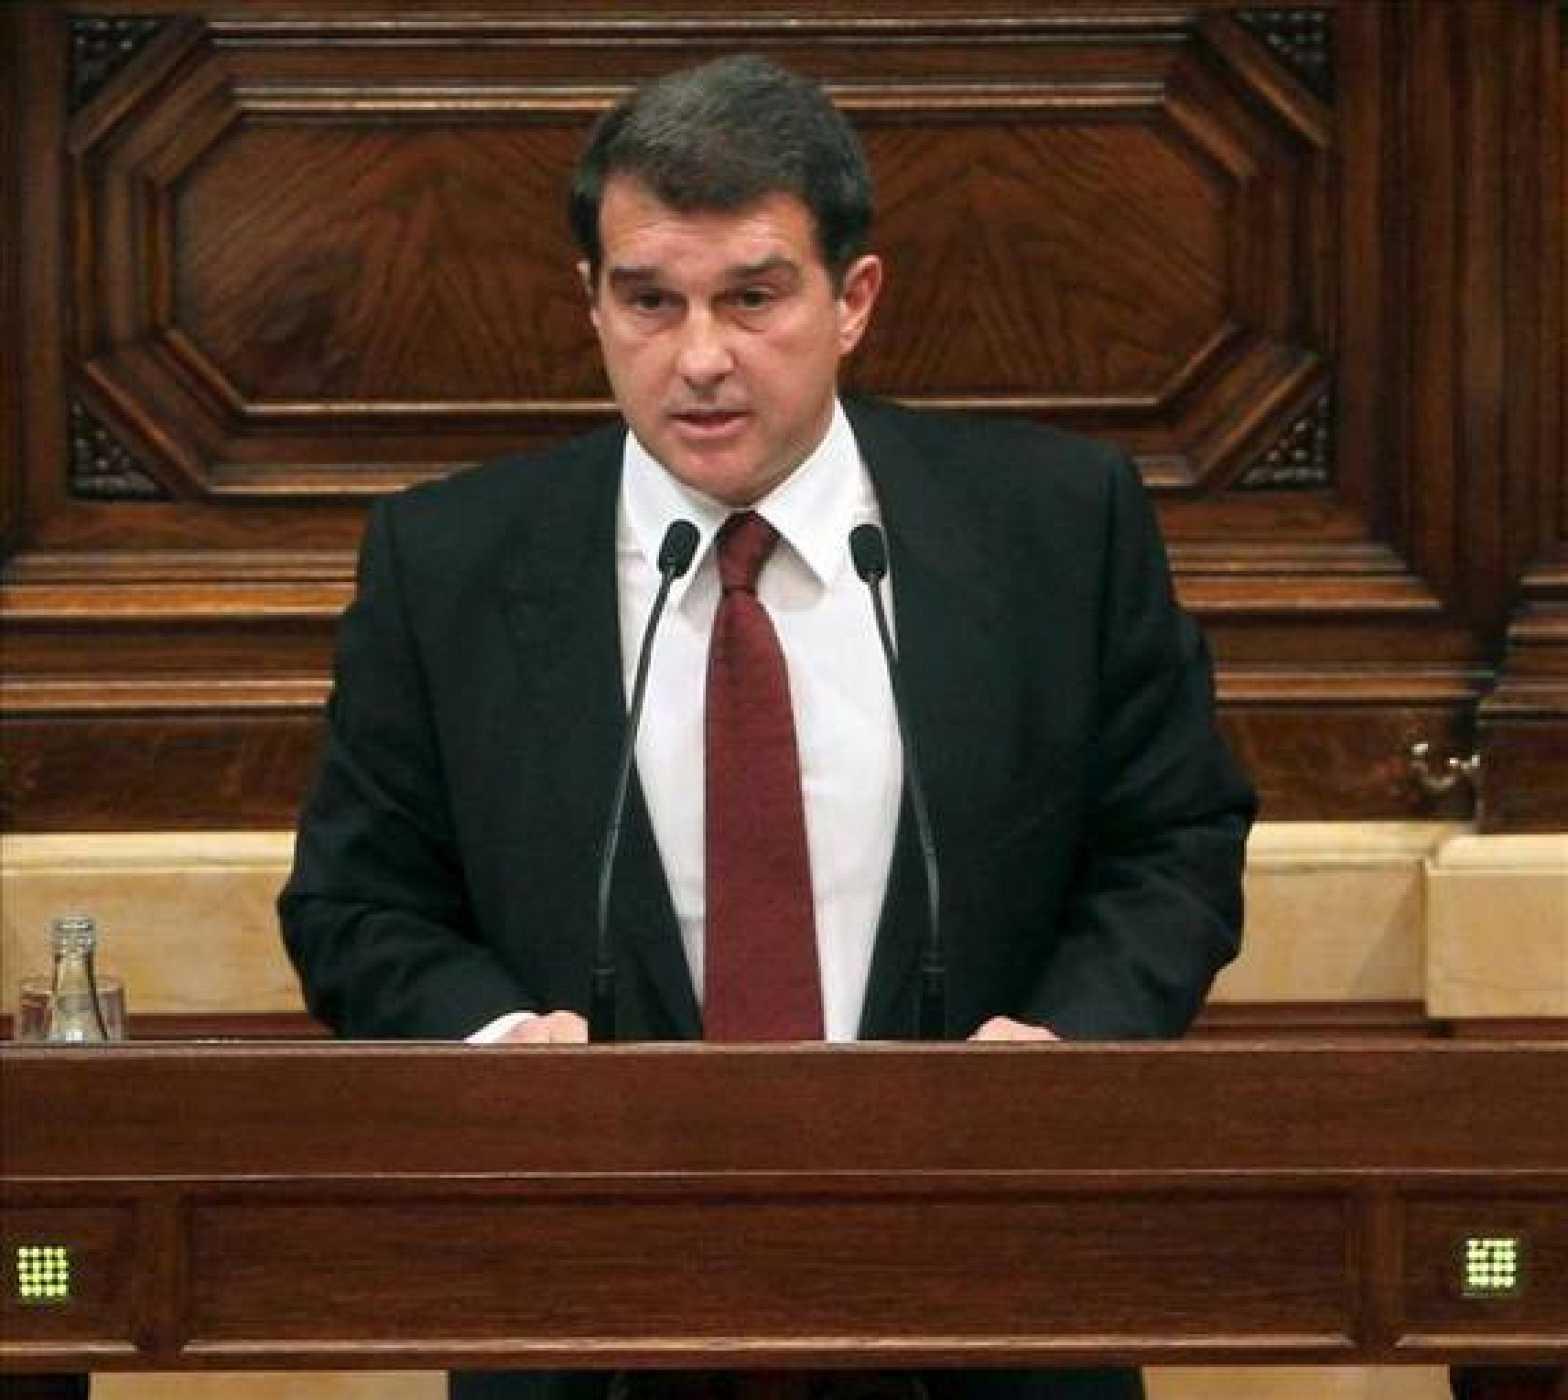 El expresidente del F.C. Barcelona, Joan Laporta, ahora es diputado catalán